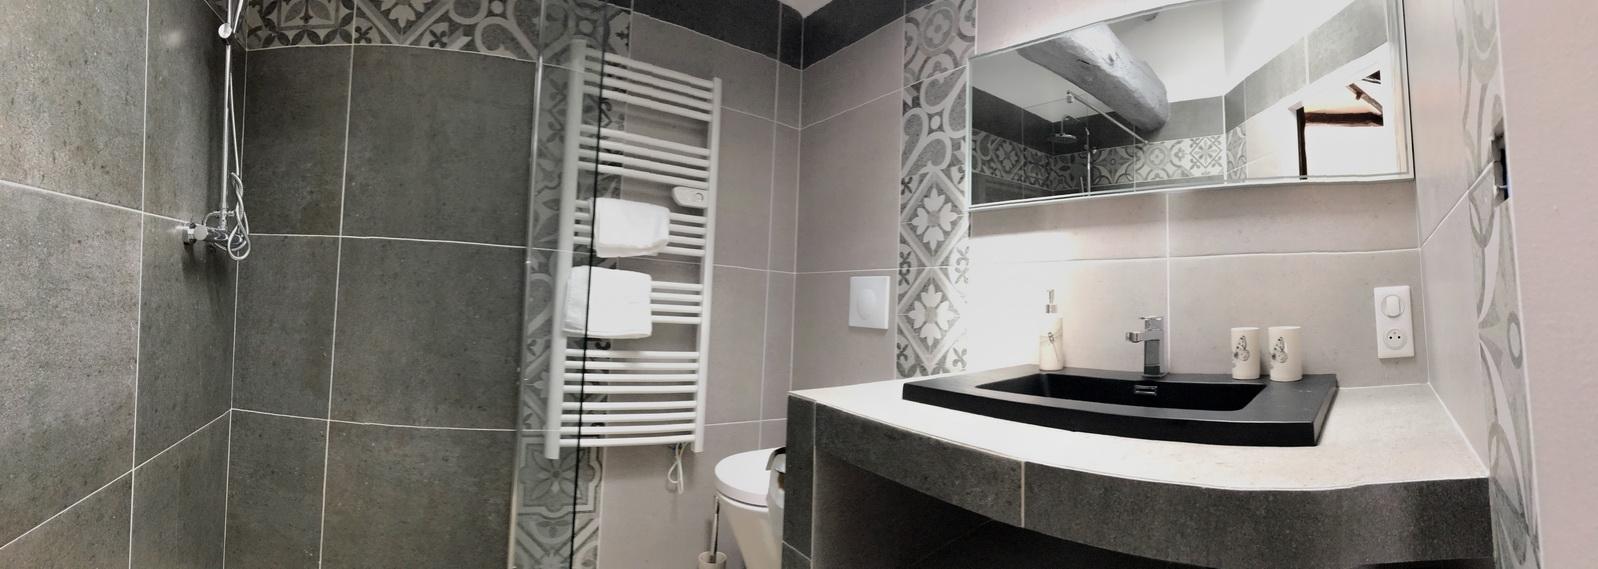 Gite Mimizan salle de bain chambre 4